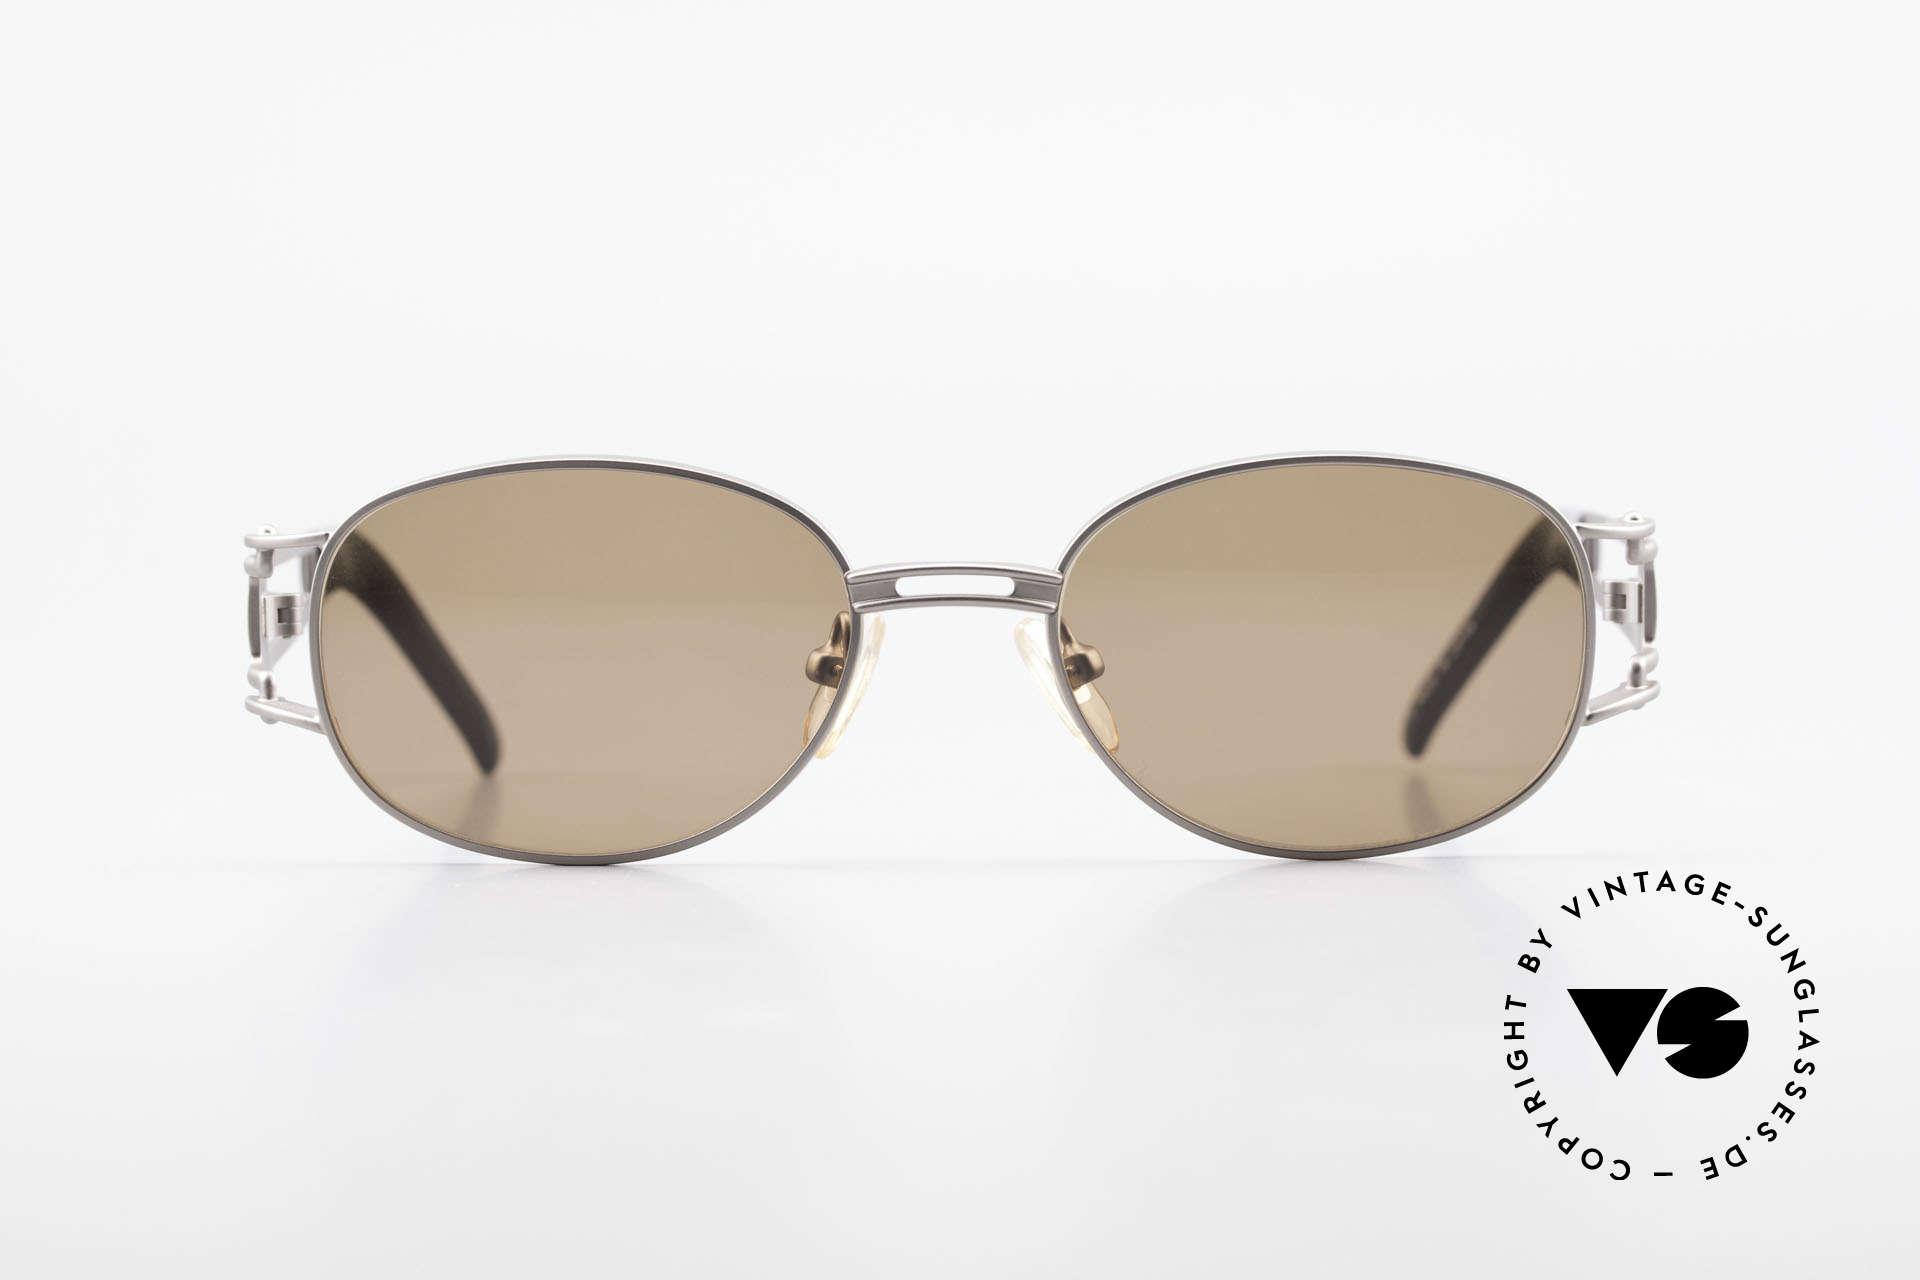 Yohji Yamamoto 52-6106 Vintage Designerbrille Oval, subtiles aber außergewöhnliches 90er Design; Avantgarde, Passend für Herren und Damen